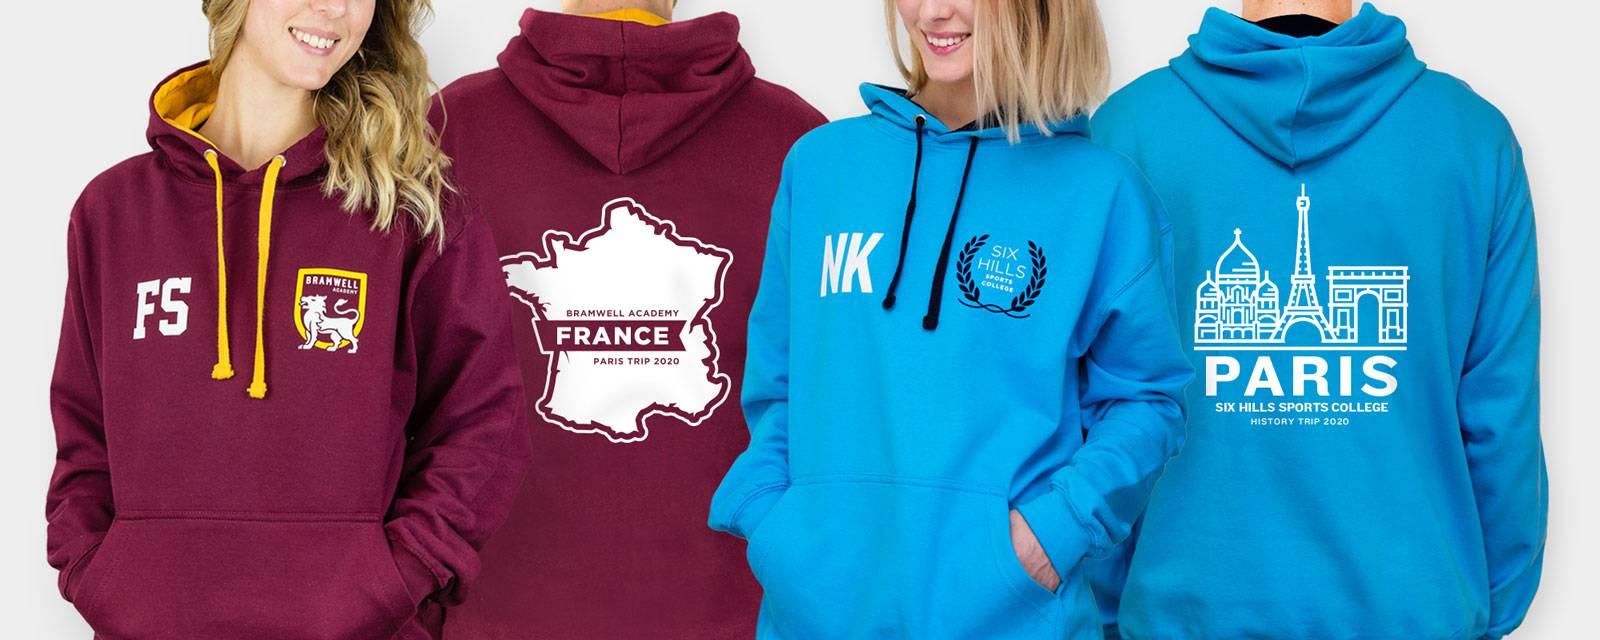 School trip hoodies